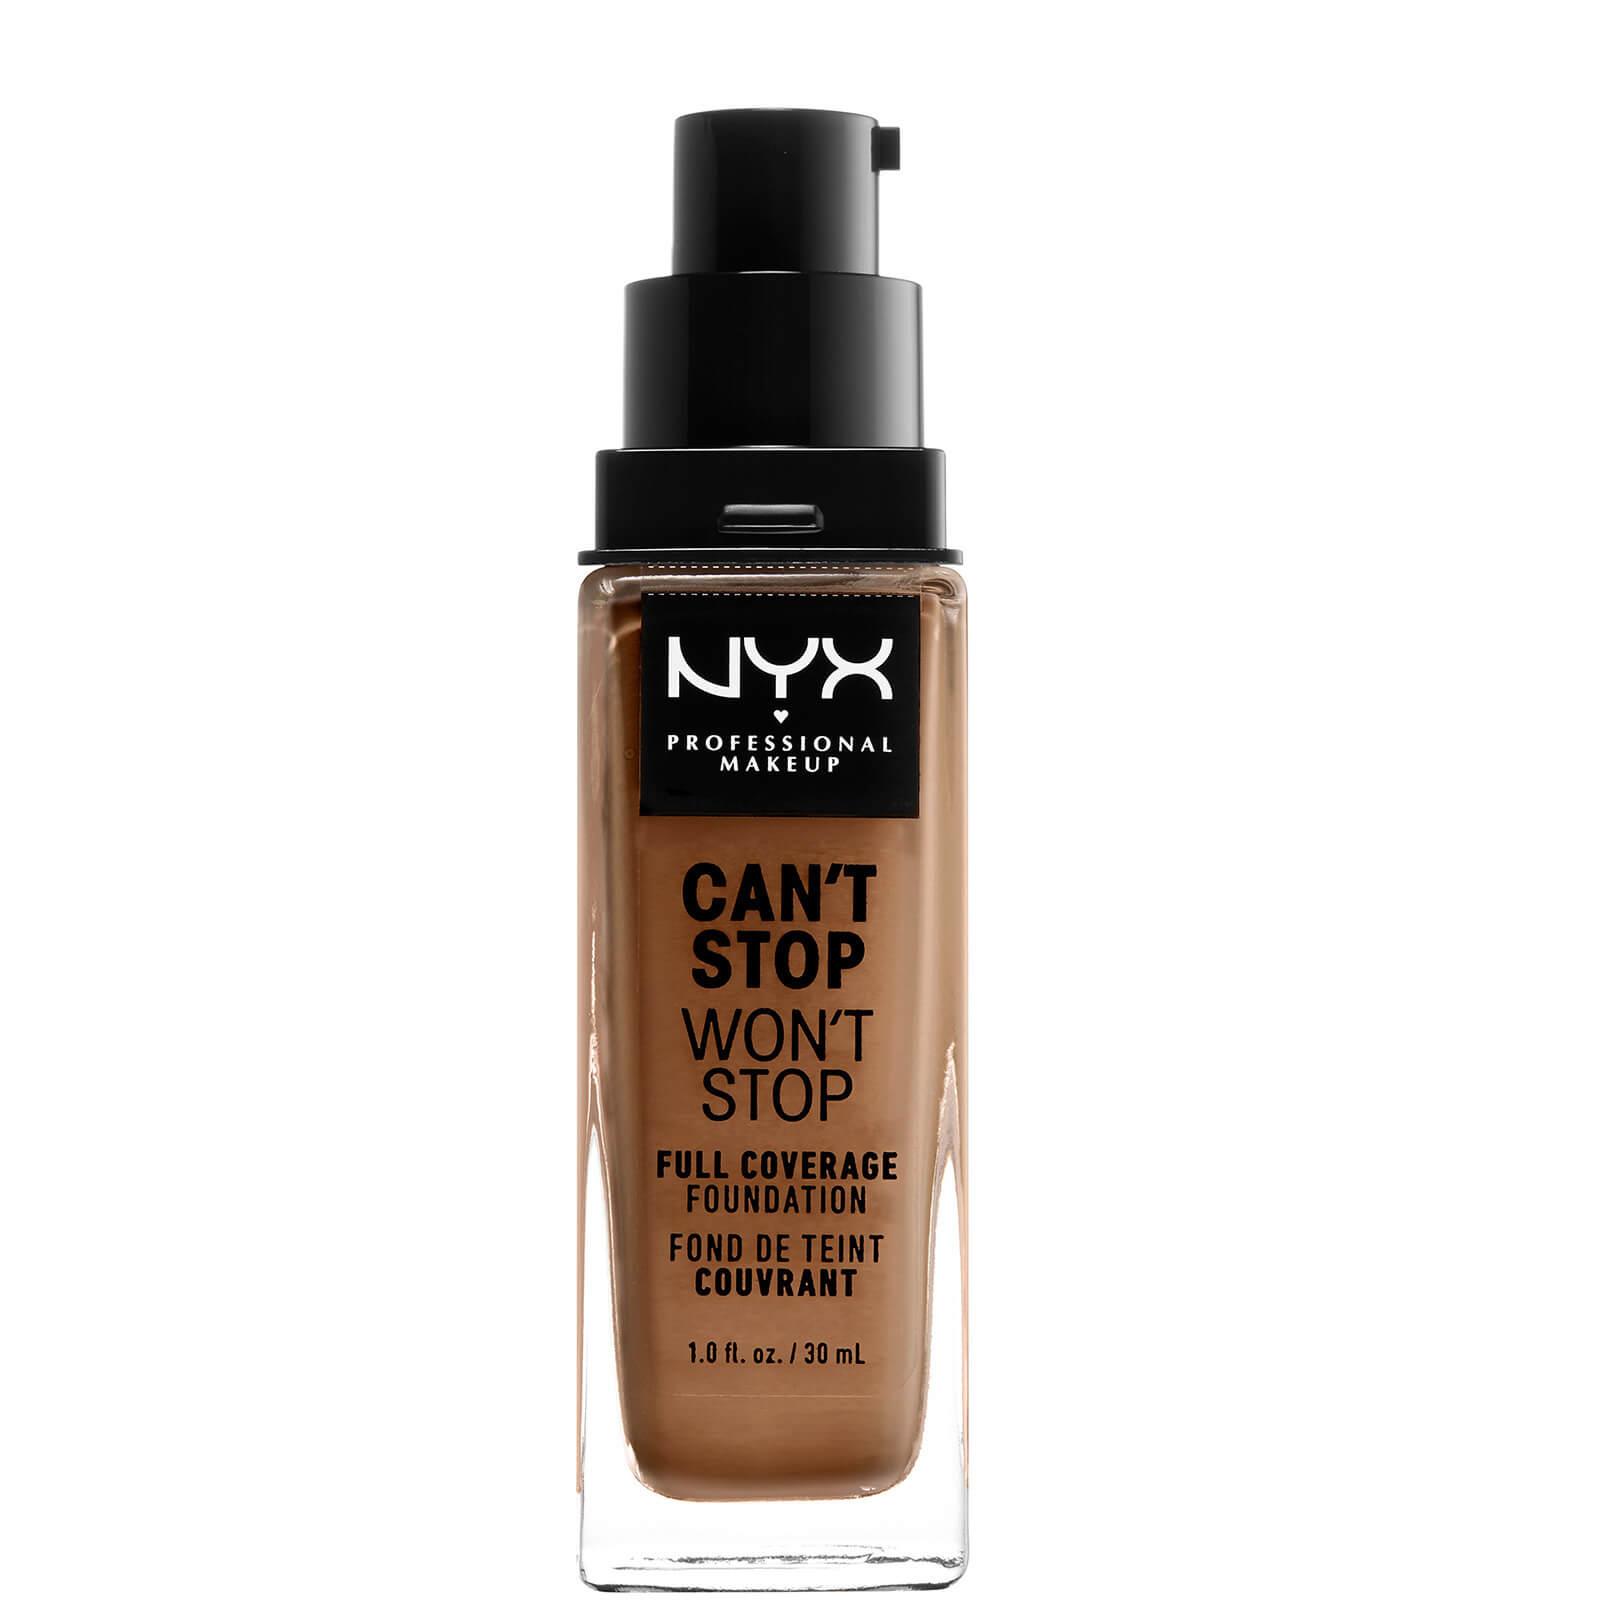 Купить Тональная основа NYX Professional Makeup Can't Stop Won't Stop 24 Hour Foundation (различные оттенки) - Mahogany